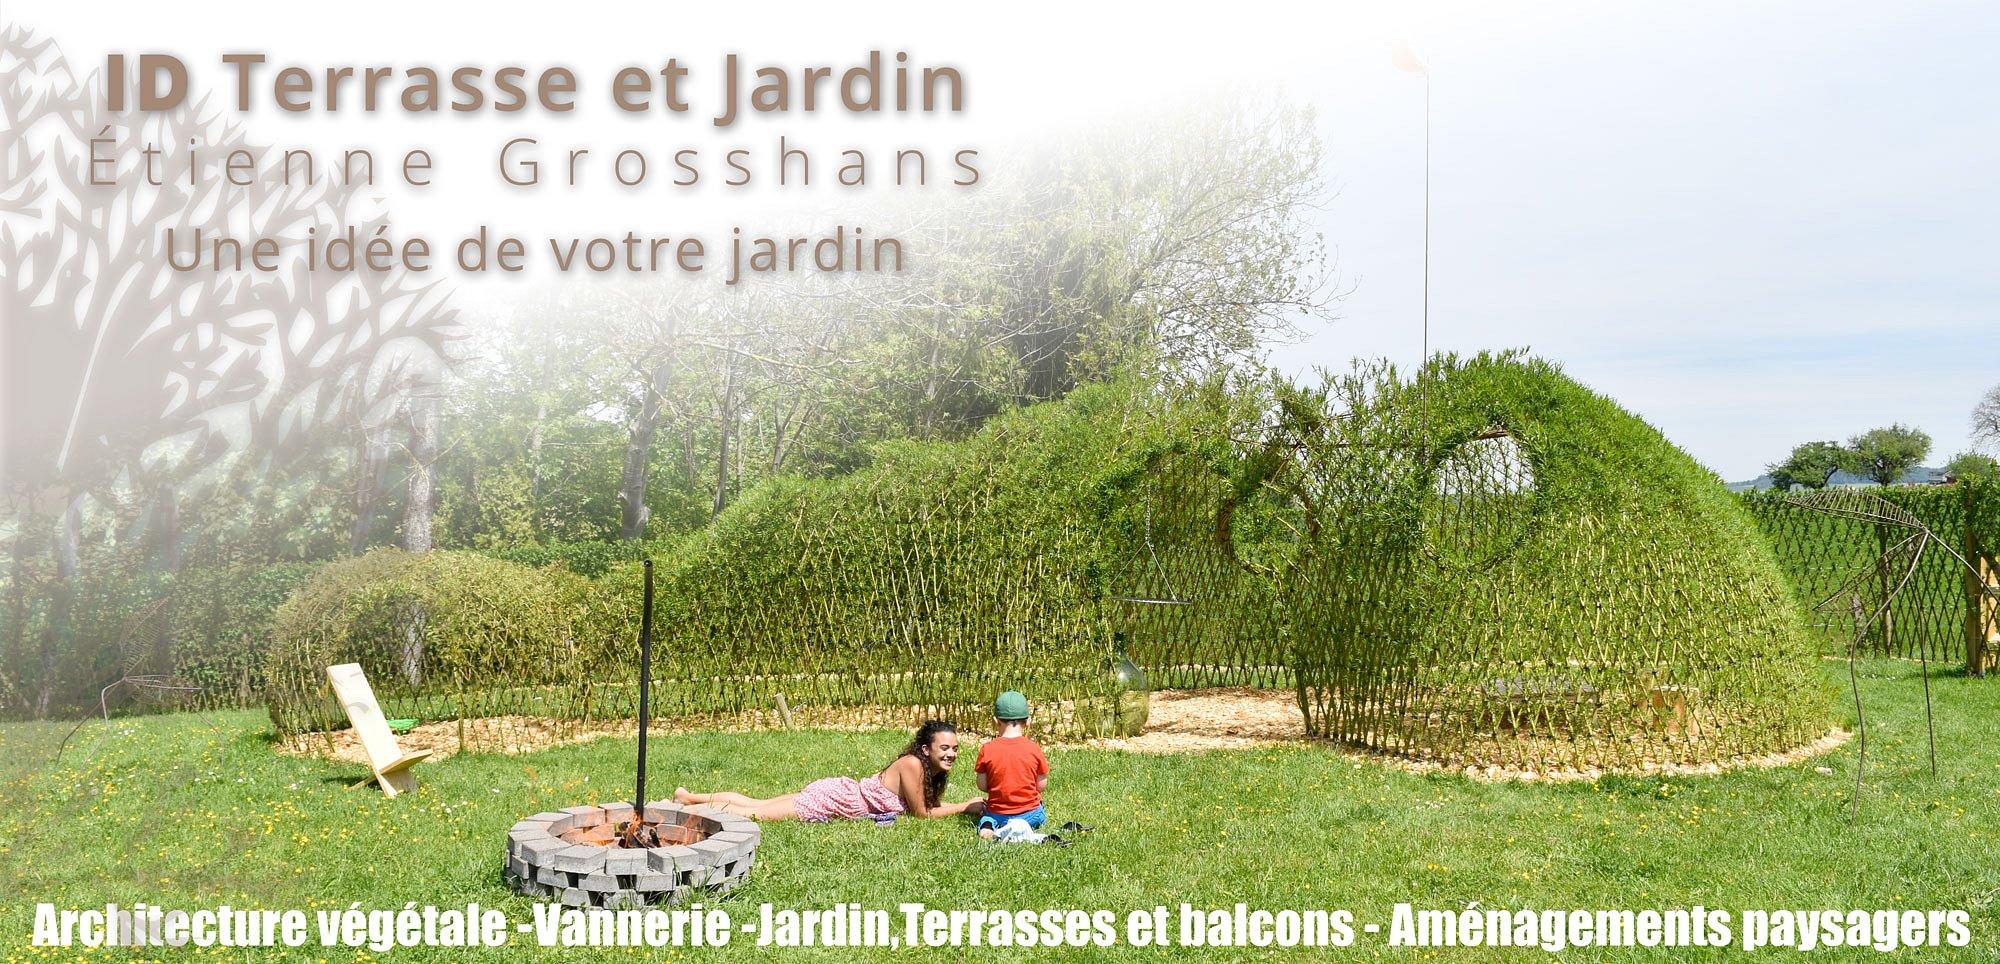 ID Terrasse et Jardin in Bern - Adresse & Öffnungszeiten auf ...